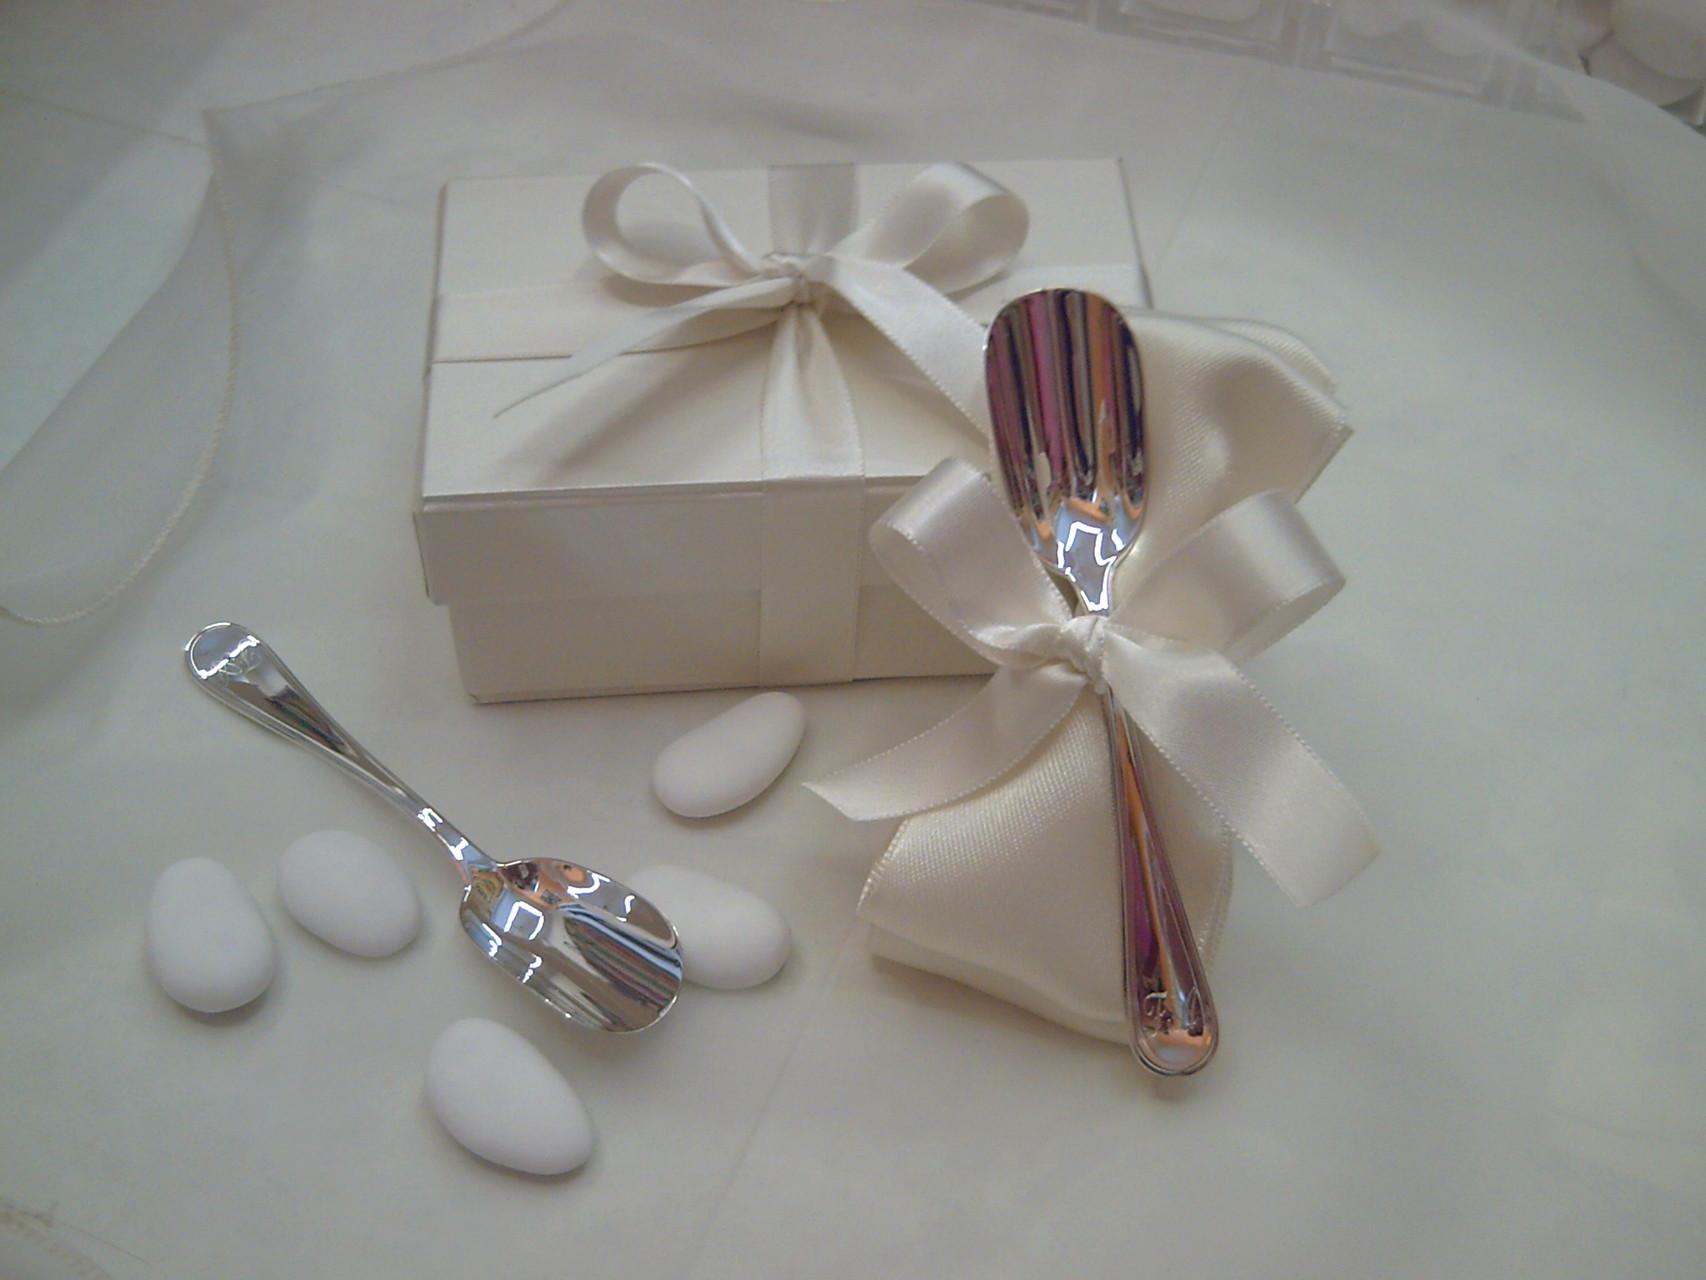 Un nastro di raso piegato forma un fiocco con i confetti e fa da base al cucchiaino d'argento nella scatolina su misura